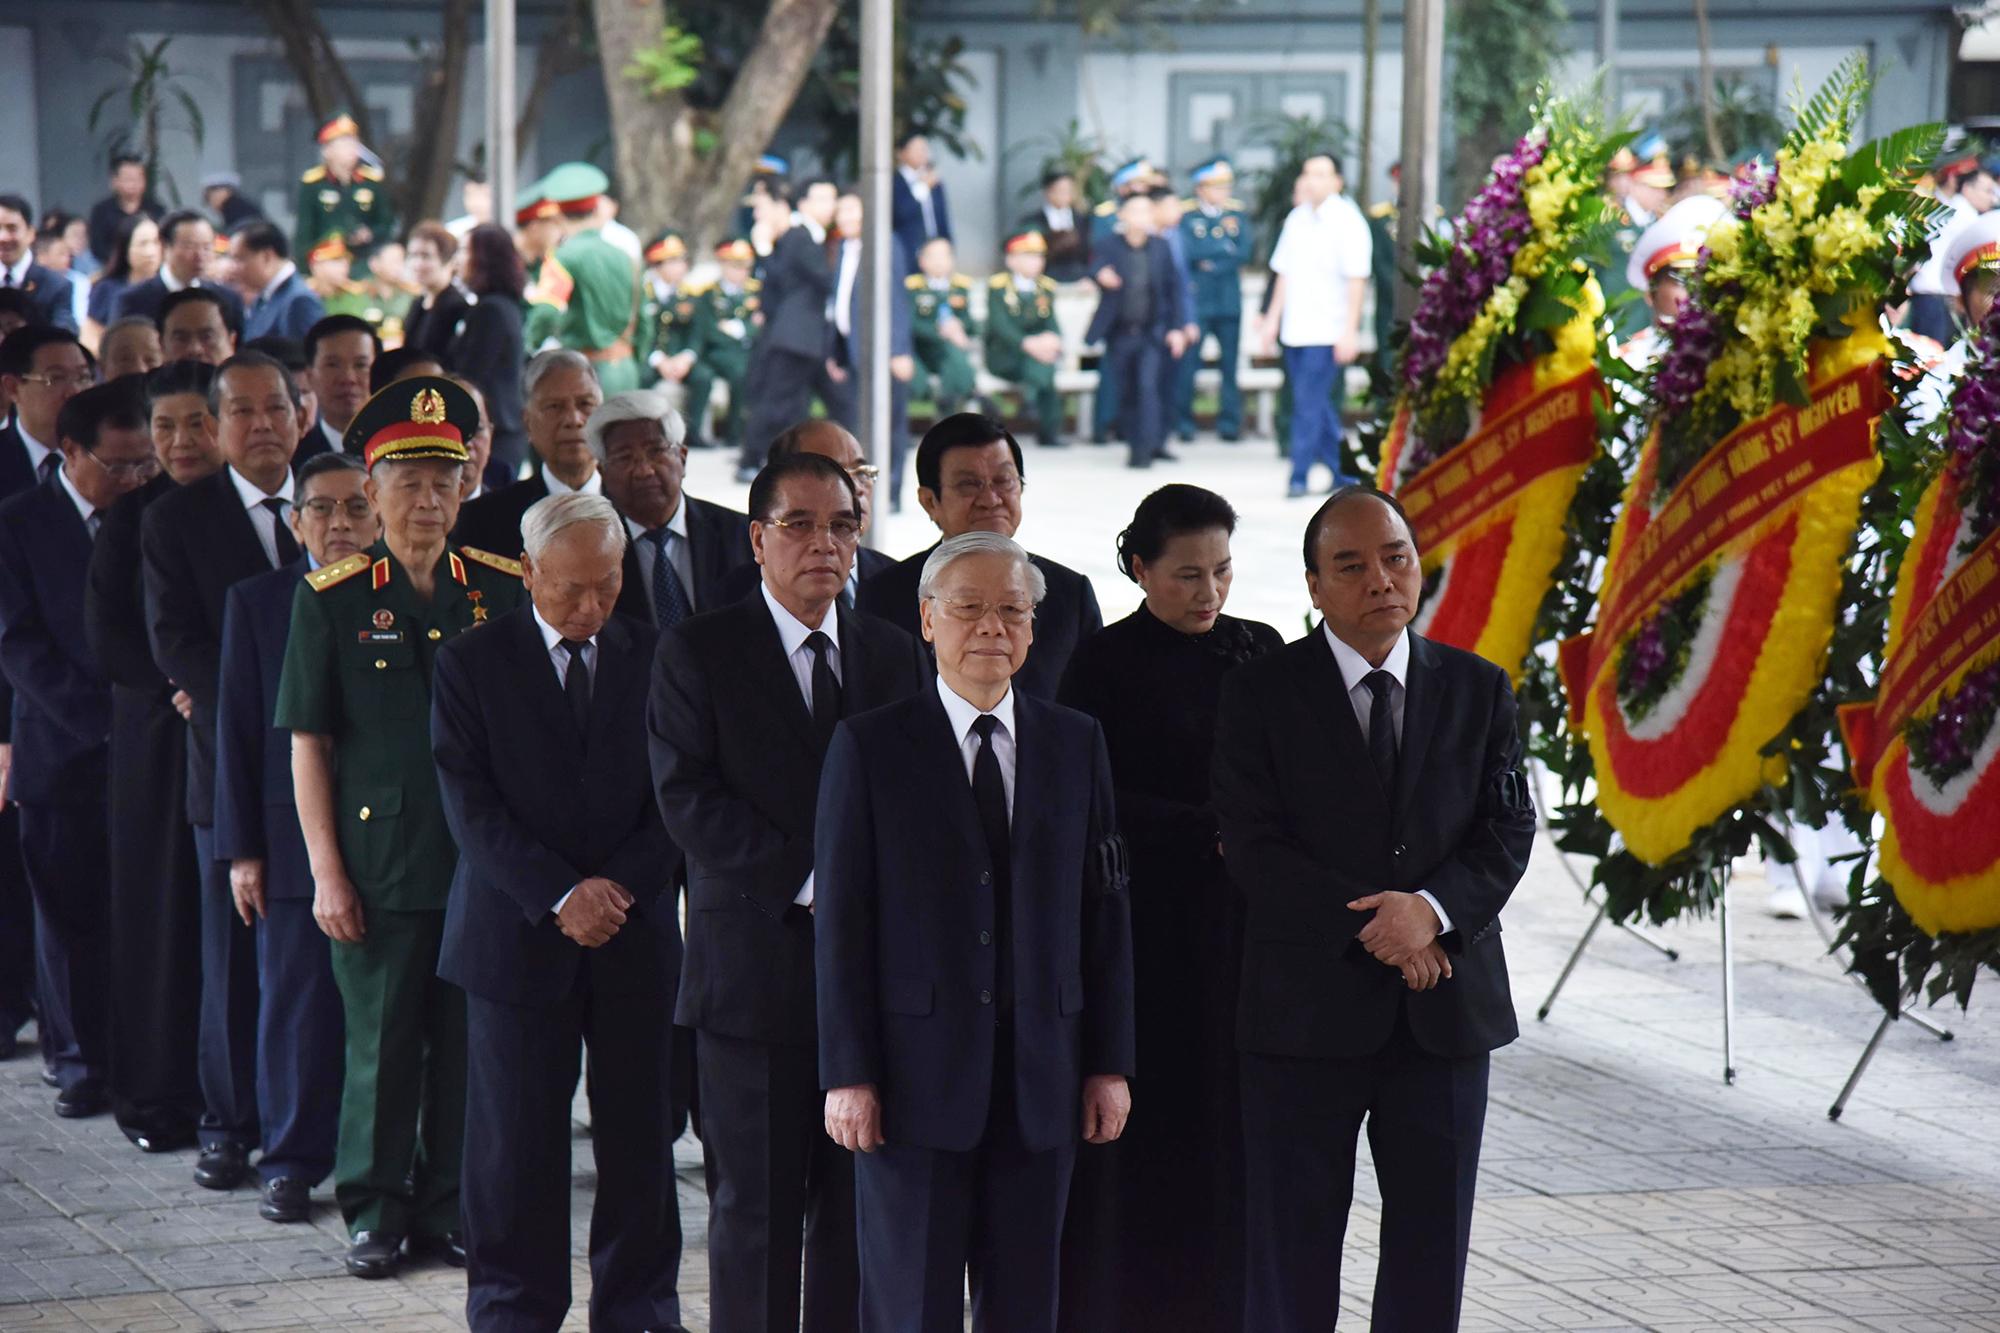 Tổ chức trọng thể Lễ tang đồng chí Đồng Sỹ Nguyễn - Ảnh 1